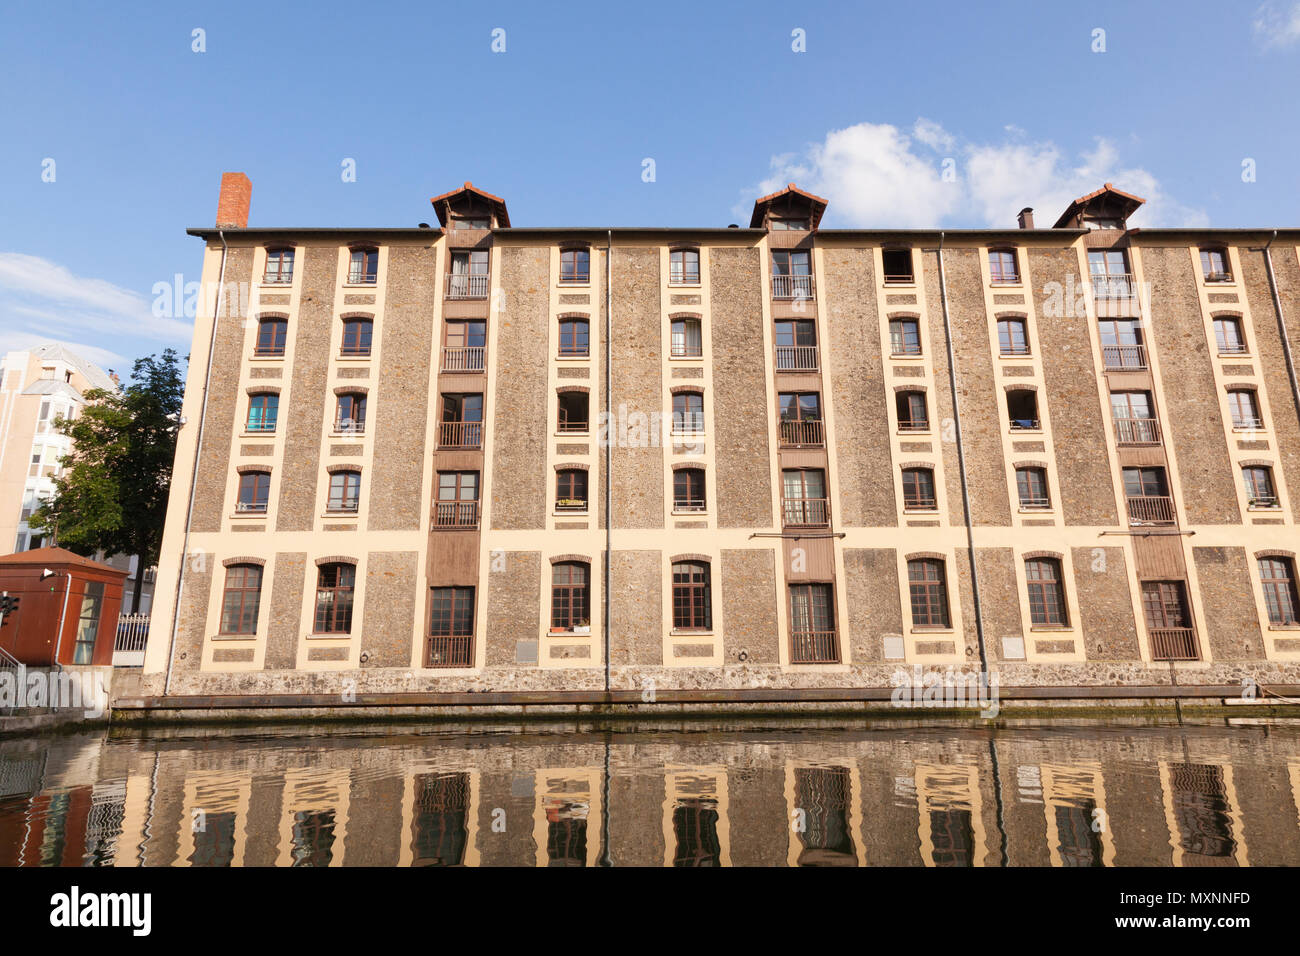 Old warehouse, La Villette basin, Paris, France - Stock Image